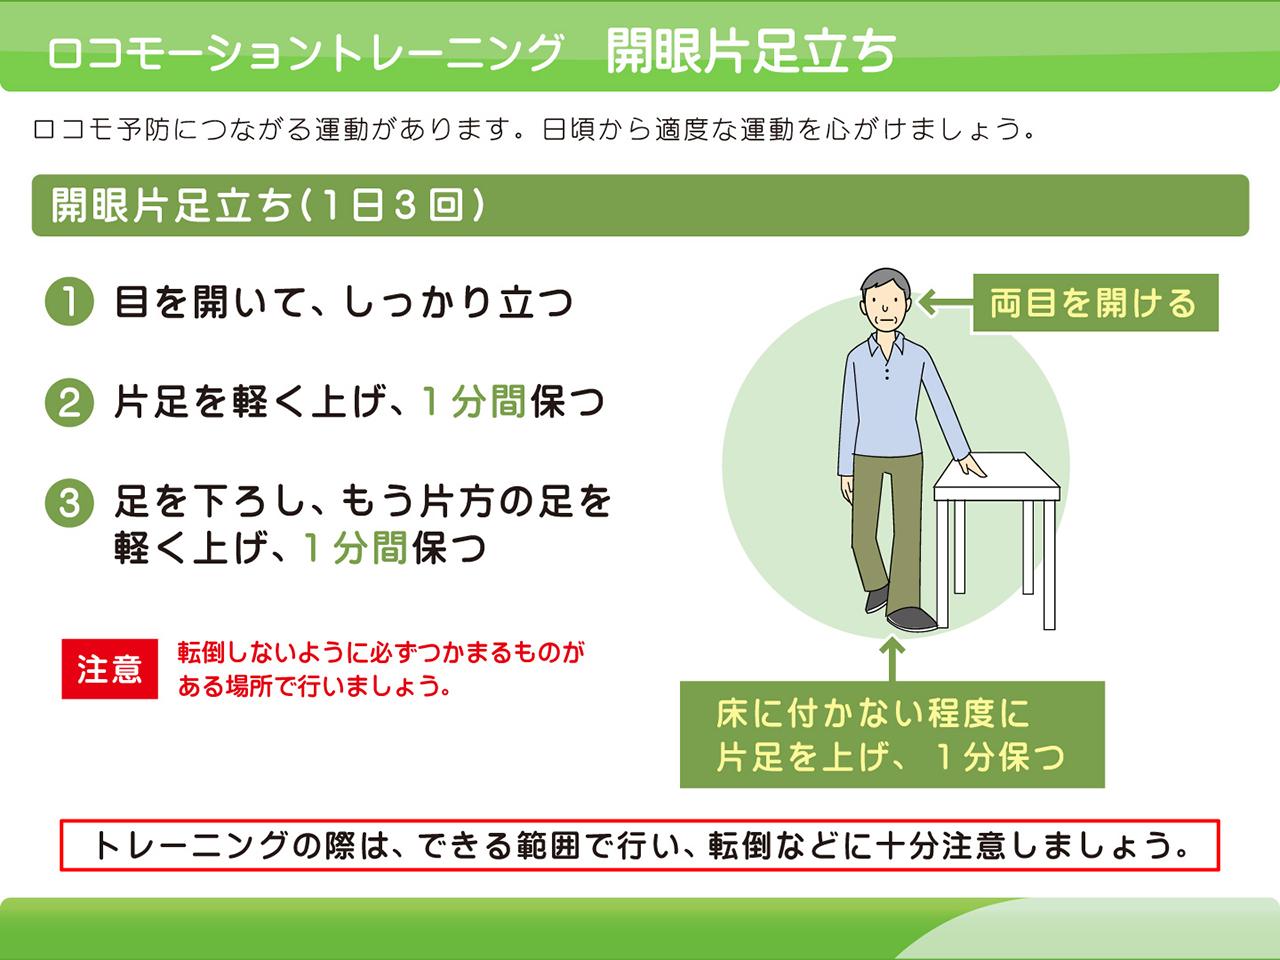 ロコトレ1:片足立ち